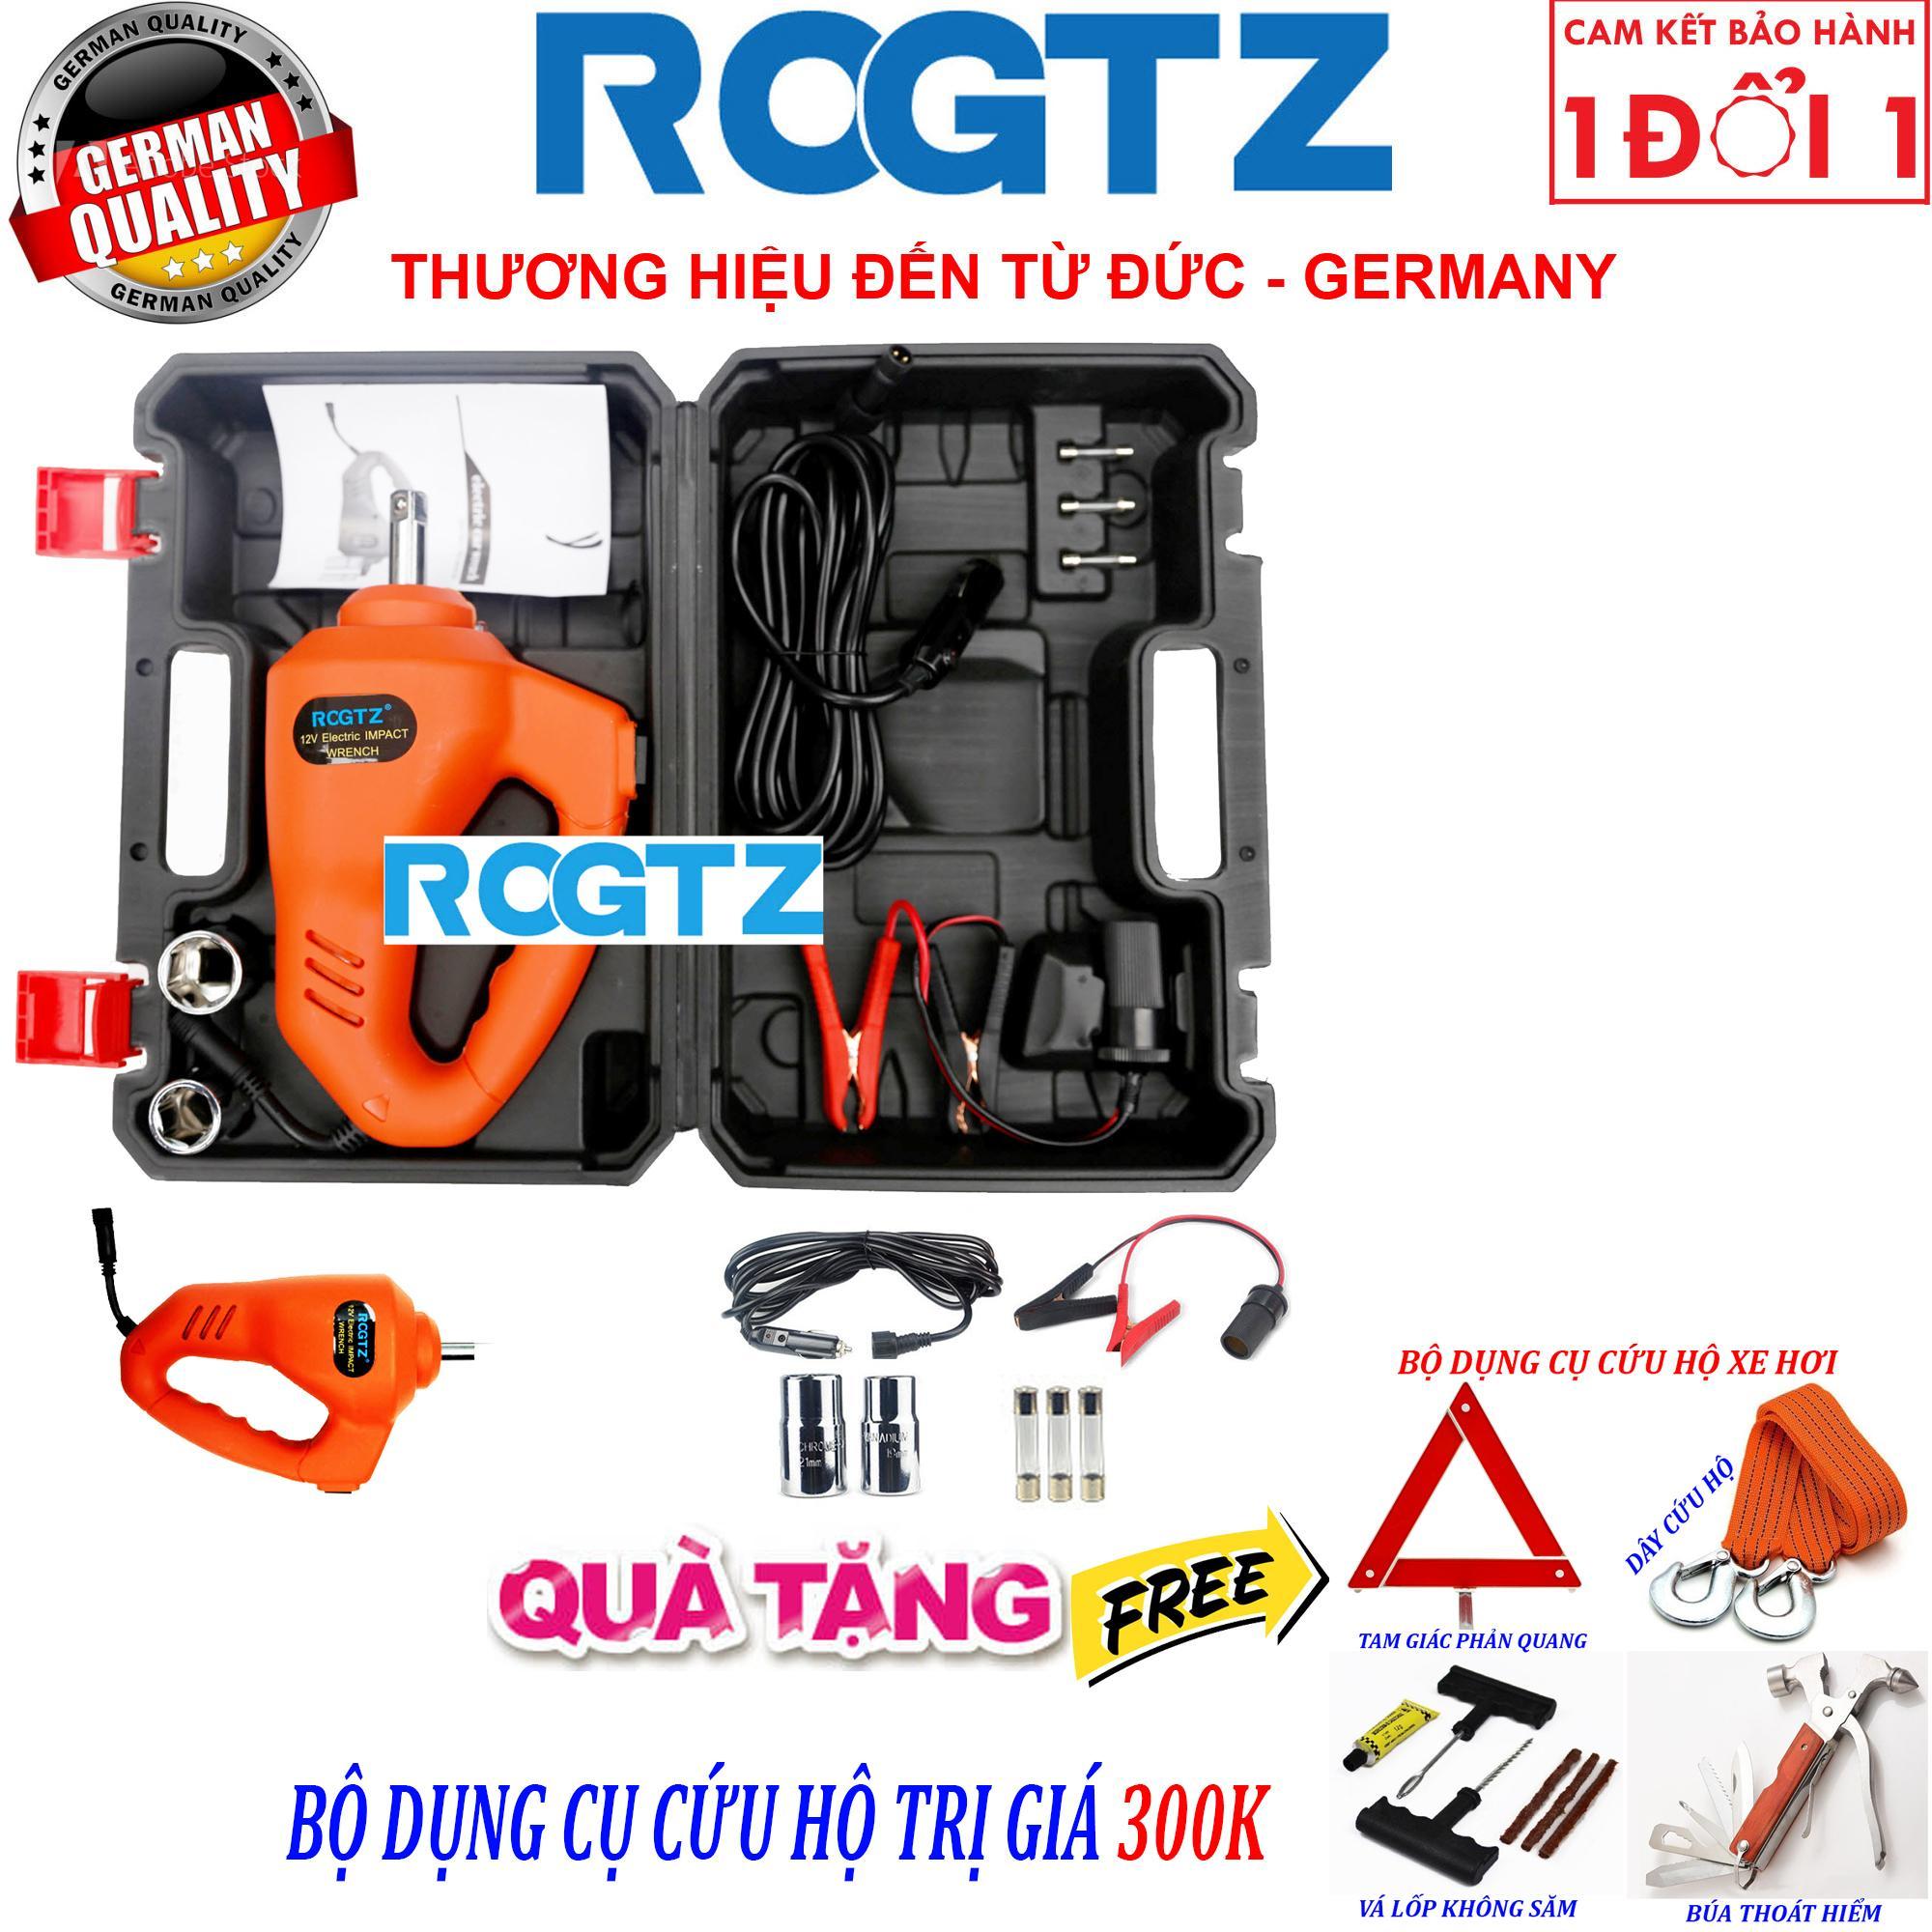 (ROGTZ - Thương hiệu đến từ Đức) Bộ dụng cụ tháo ốc chạy điện 12V - Bộ dụng cụ ra lốp chạy điện 12V